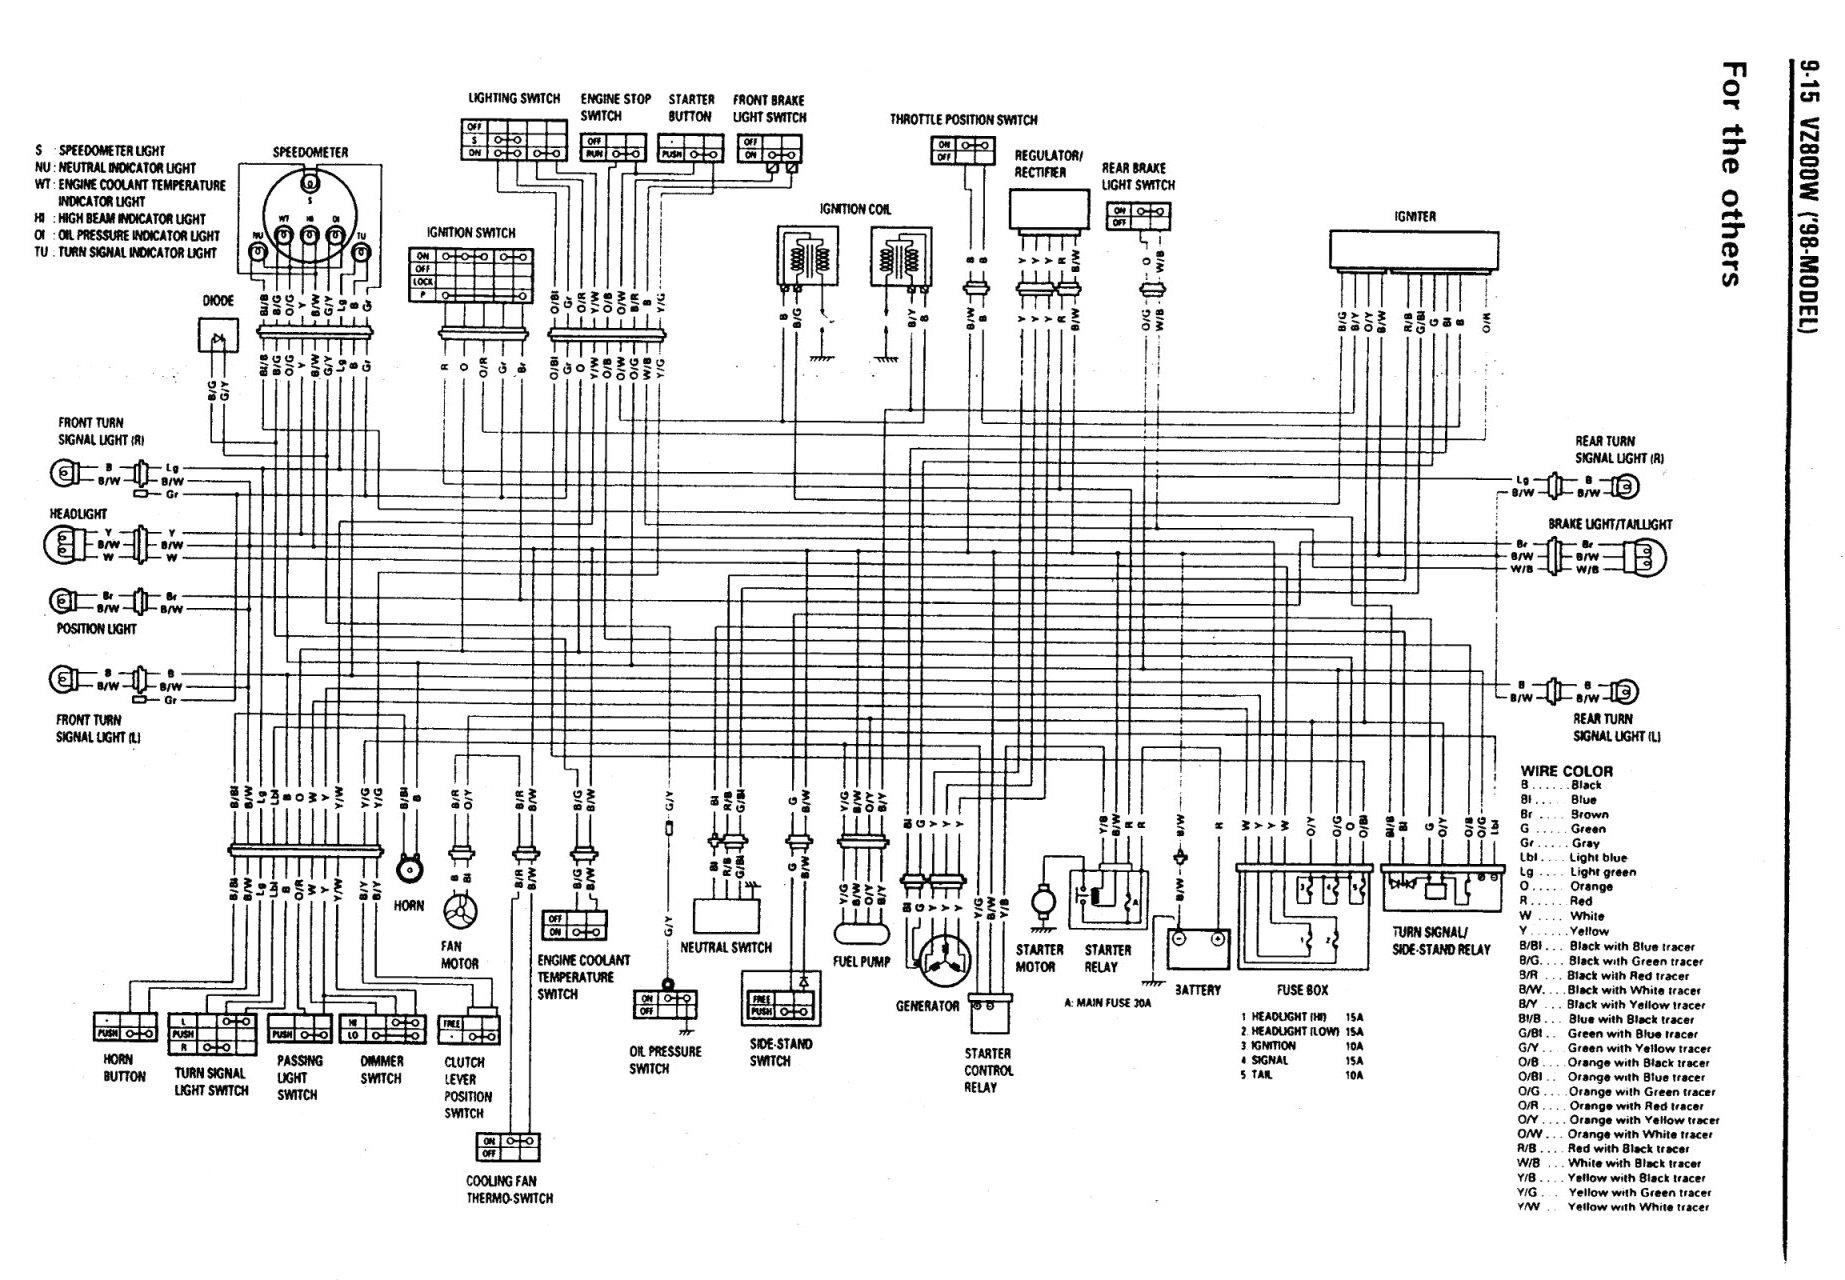 2004 vz800 wiring diagram online wiring diagram Suzuki VX 800 vz800 front light wiring diagram wiring diagram expert 2004 vz800 wiring diagram